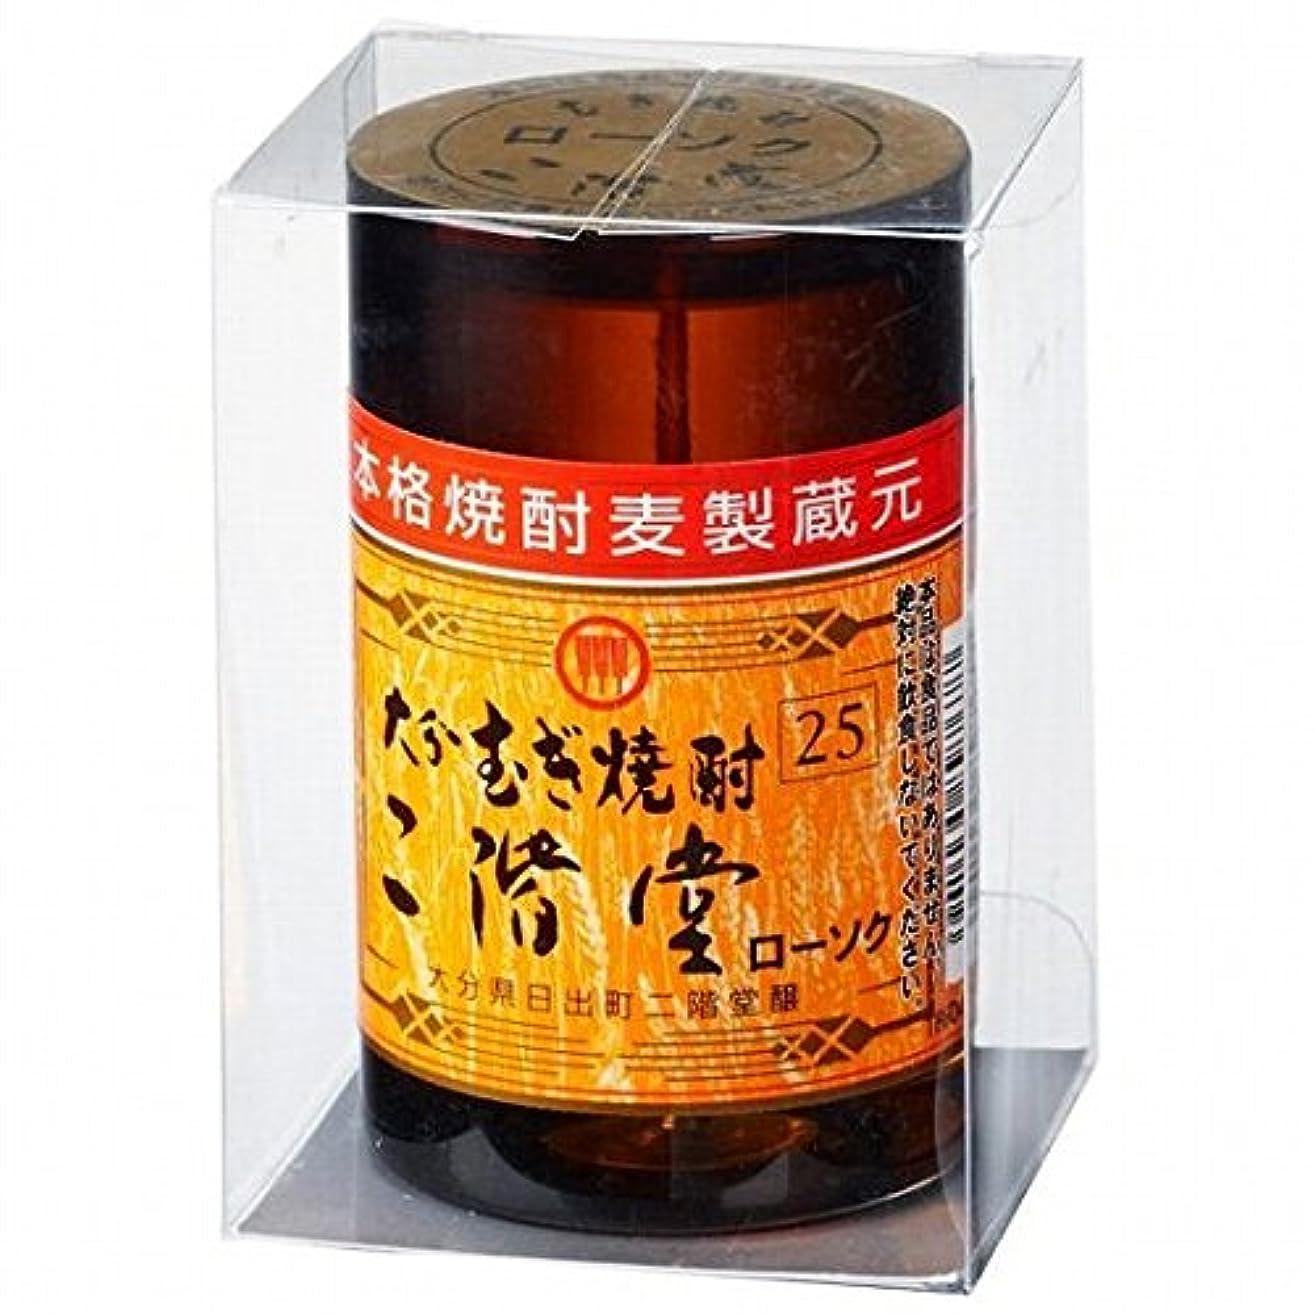 ムスから登録kameyama candle(カメヤマキャンドル) 大分むぎ焼酎 二階堂ローソク キャンドル(86040000)